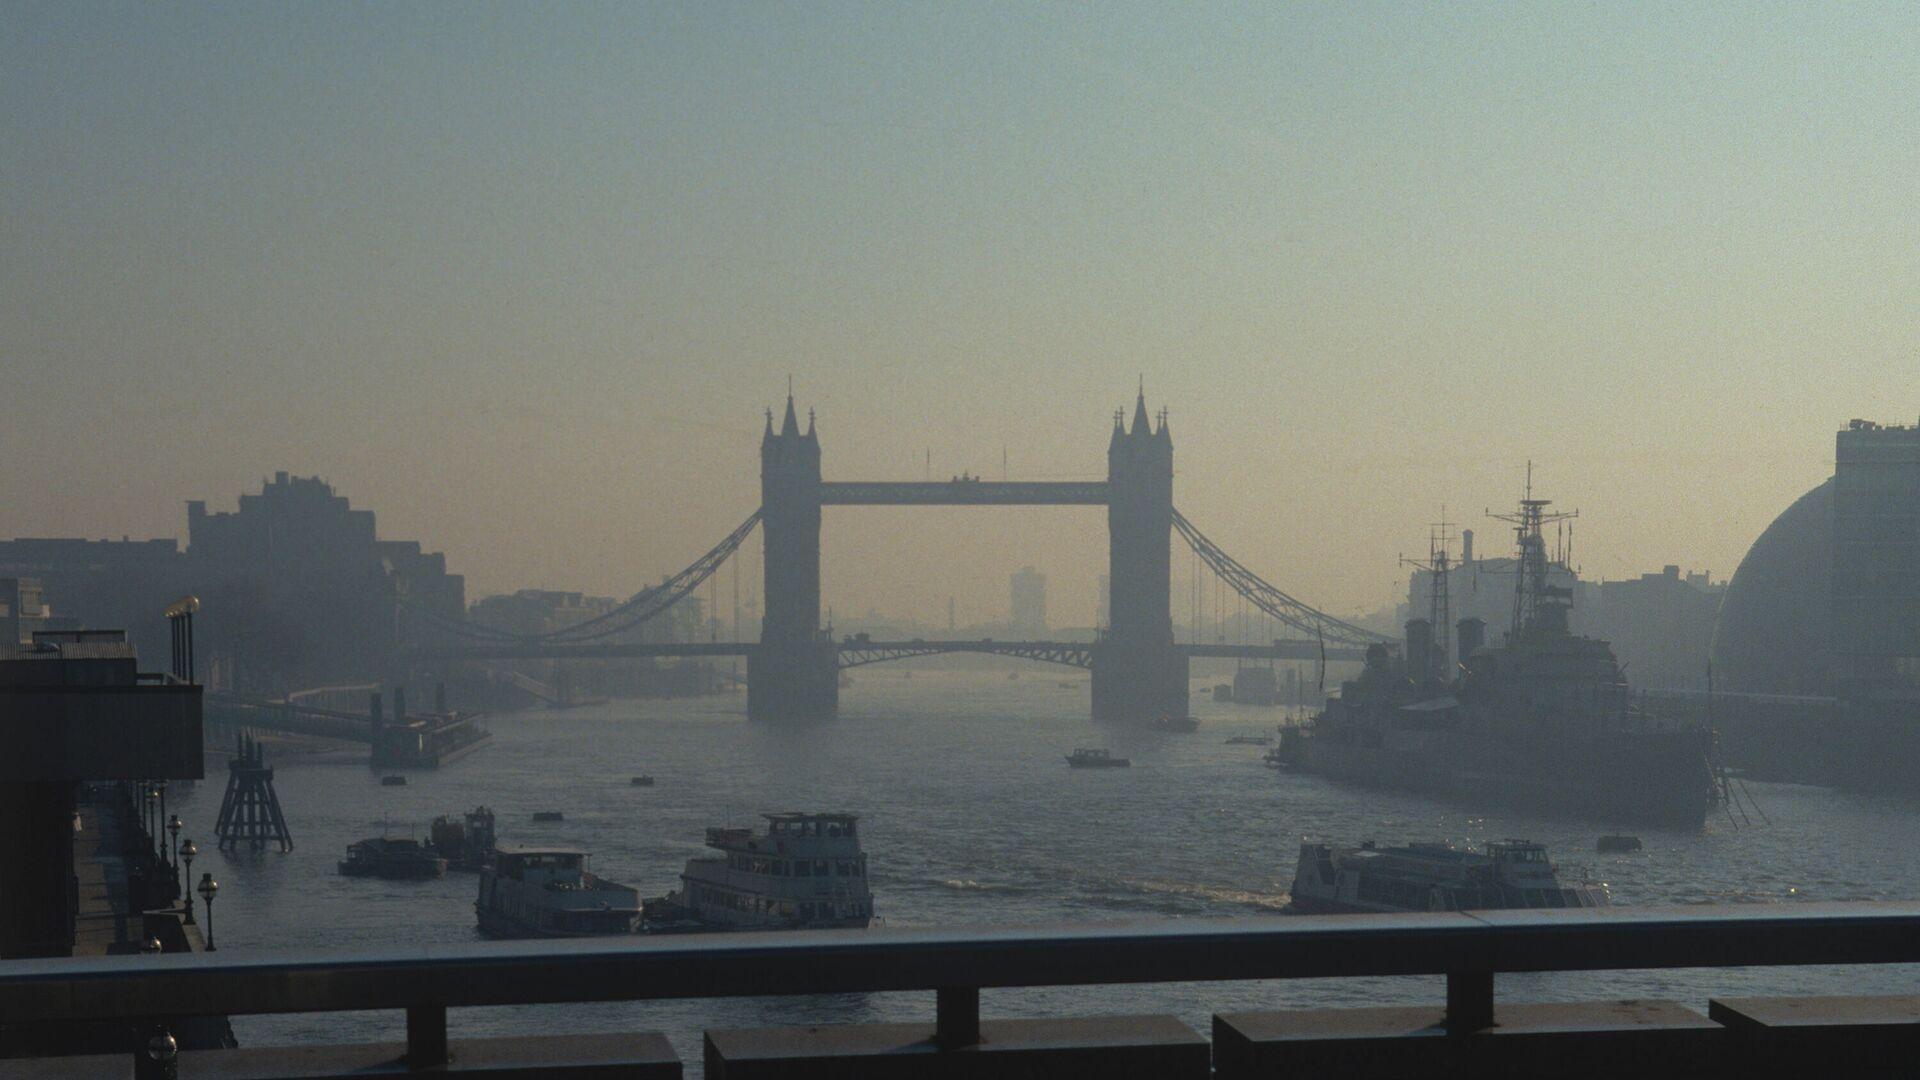 Вид на разводной Тауэрский мост в центре Лондона над рекой Темзой - РИА Новости, 1920, 04.07.2020